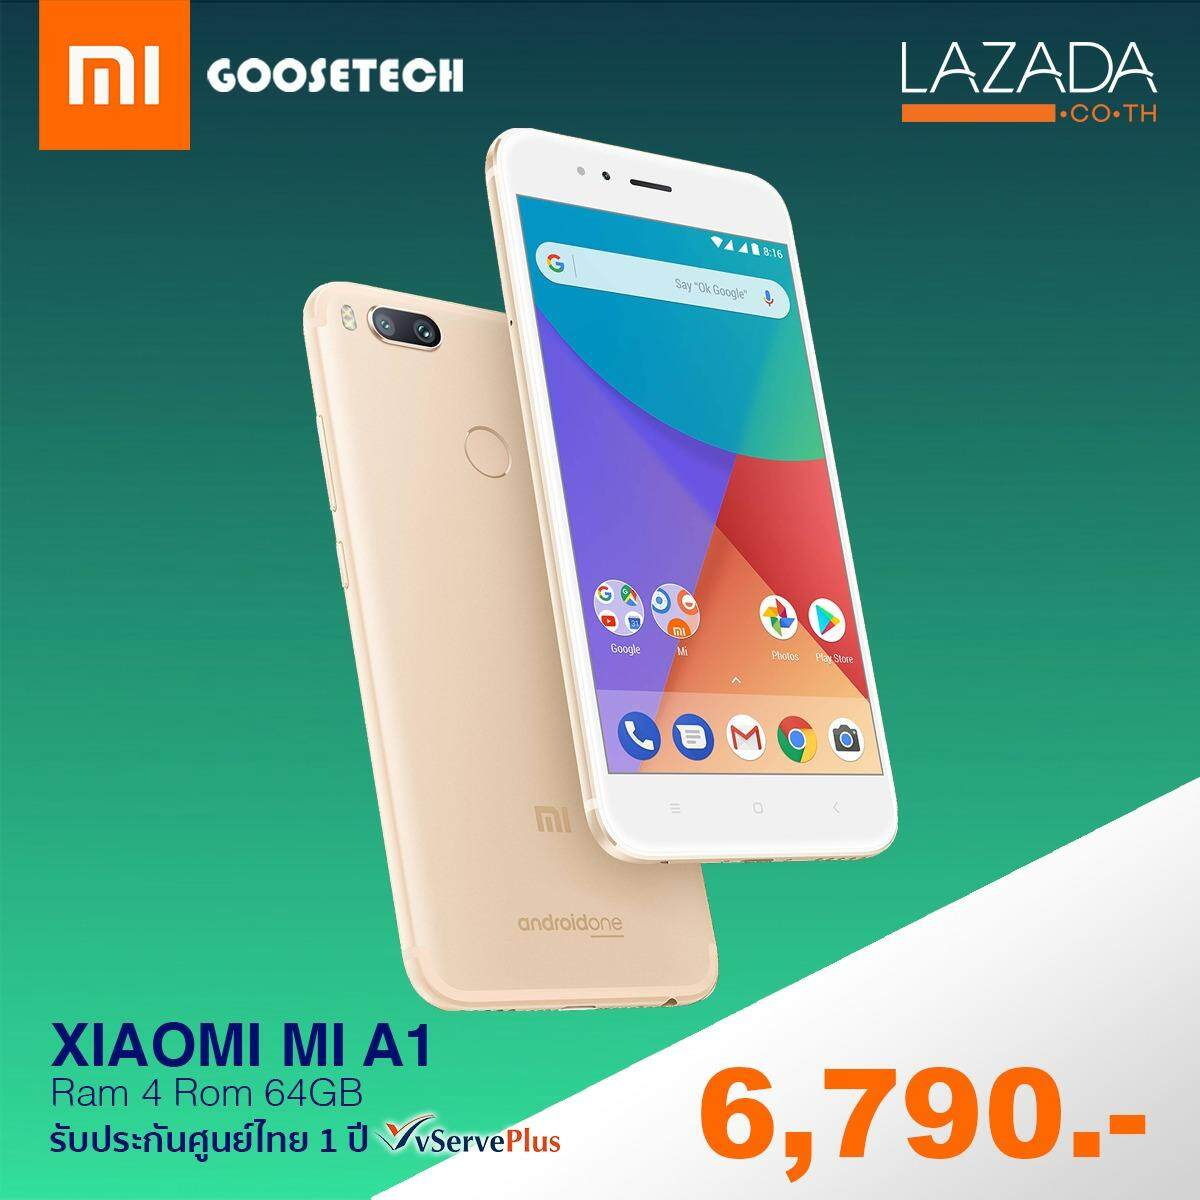 ขาย Xiaomi Mi A1 Ram 4 Rom 64 Gb Pure Android รับประกันศูนย์ไทย 1 ปี Vstecs Xiaomi ใน กรุงเทพมหานคร